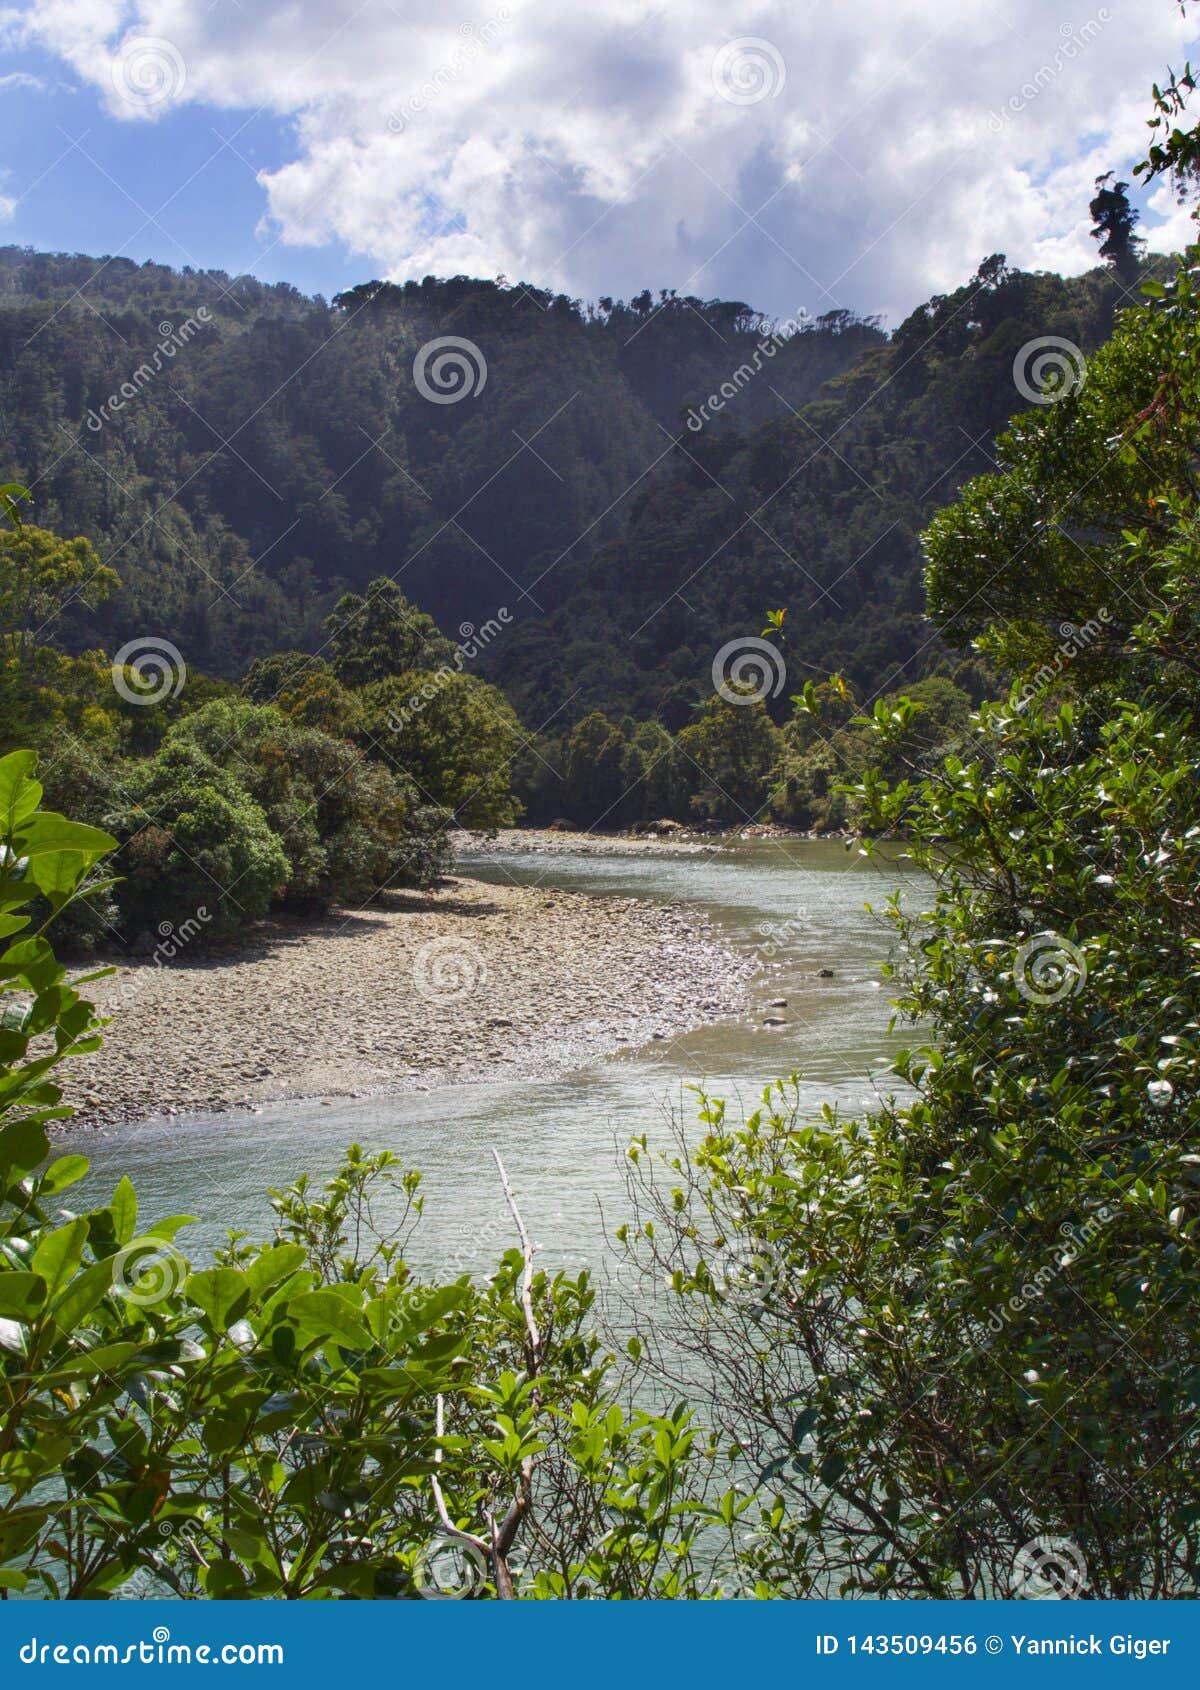 Curvaturas e curvas do rio através da região selvagem florestado em Nova Zelândia